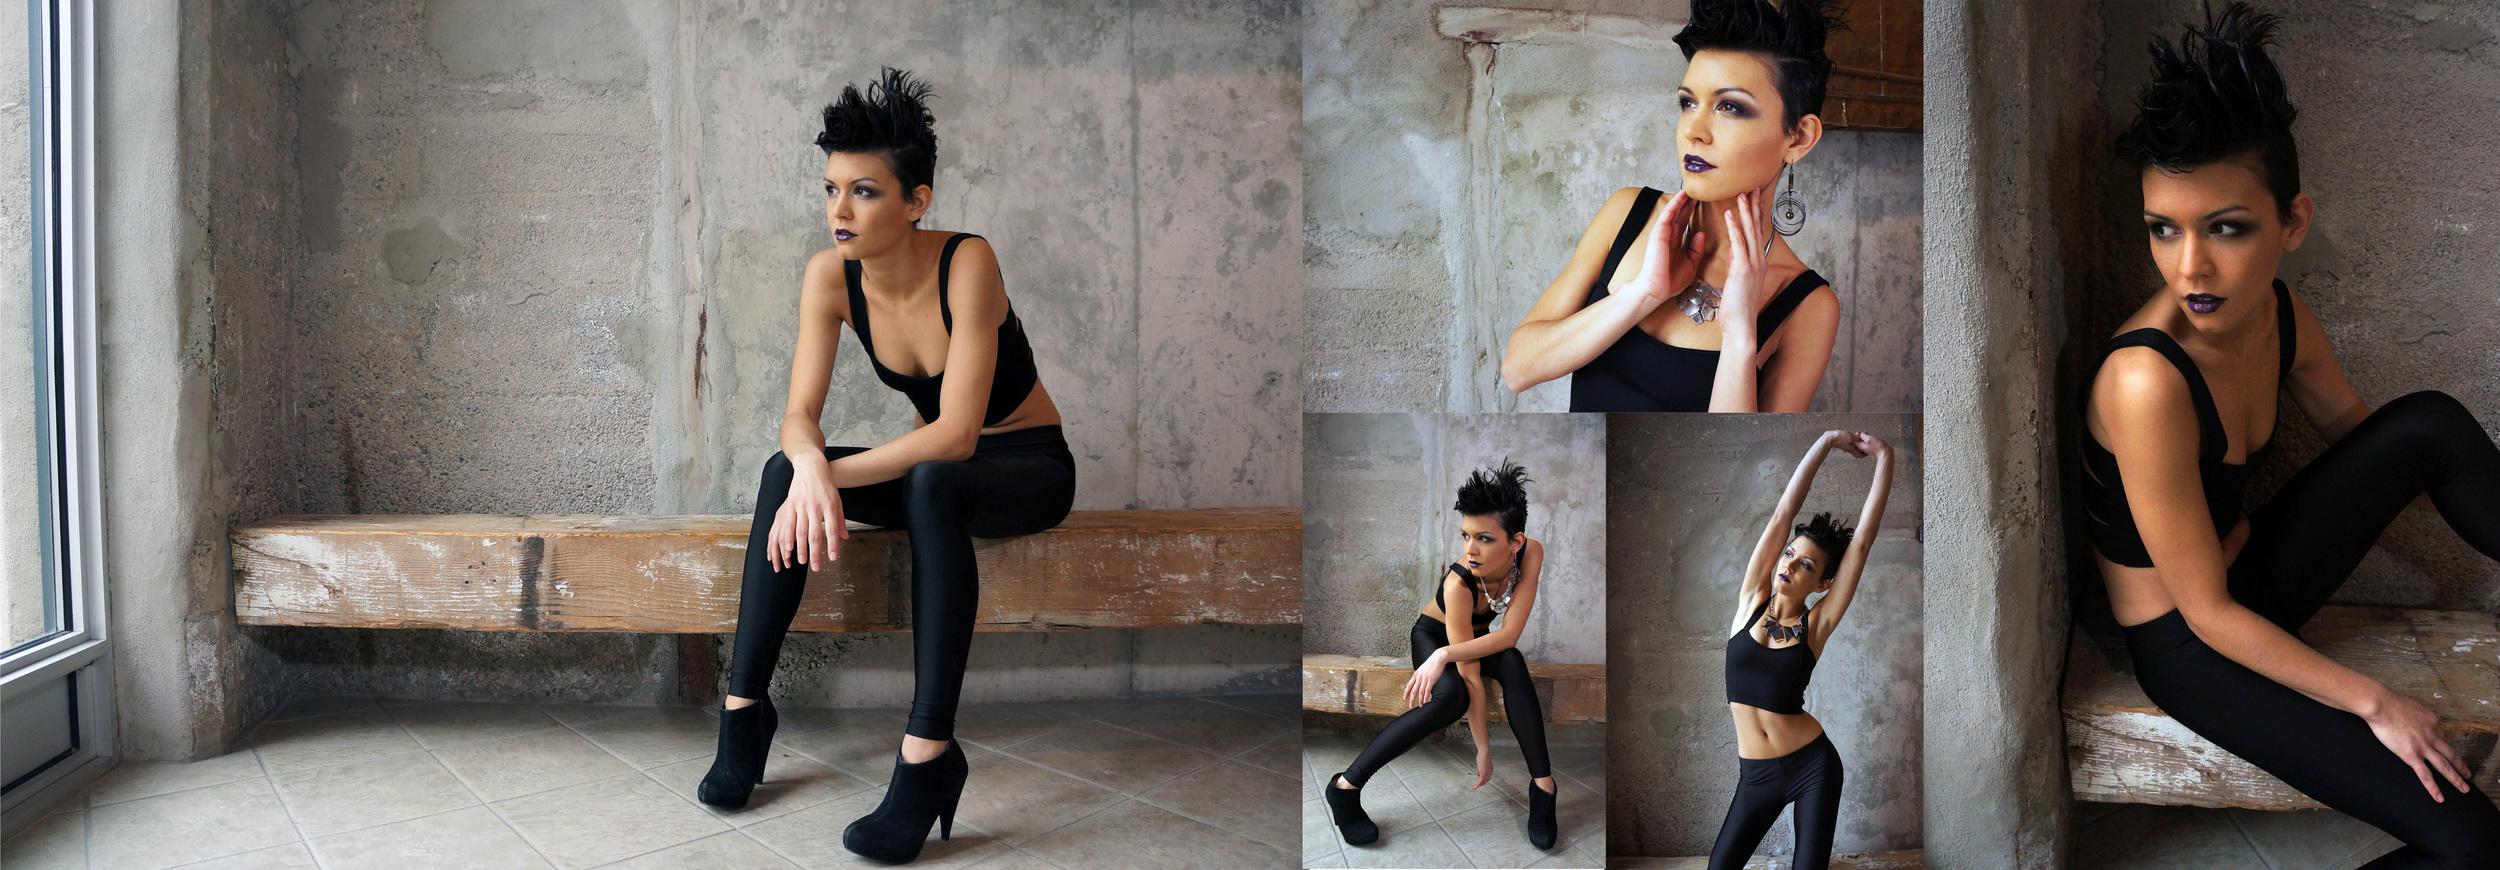 Ashley Collage.jpg